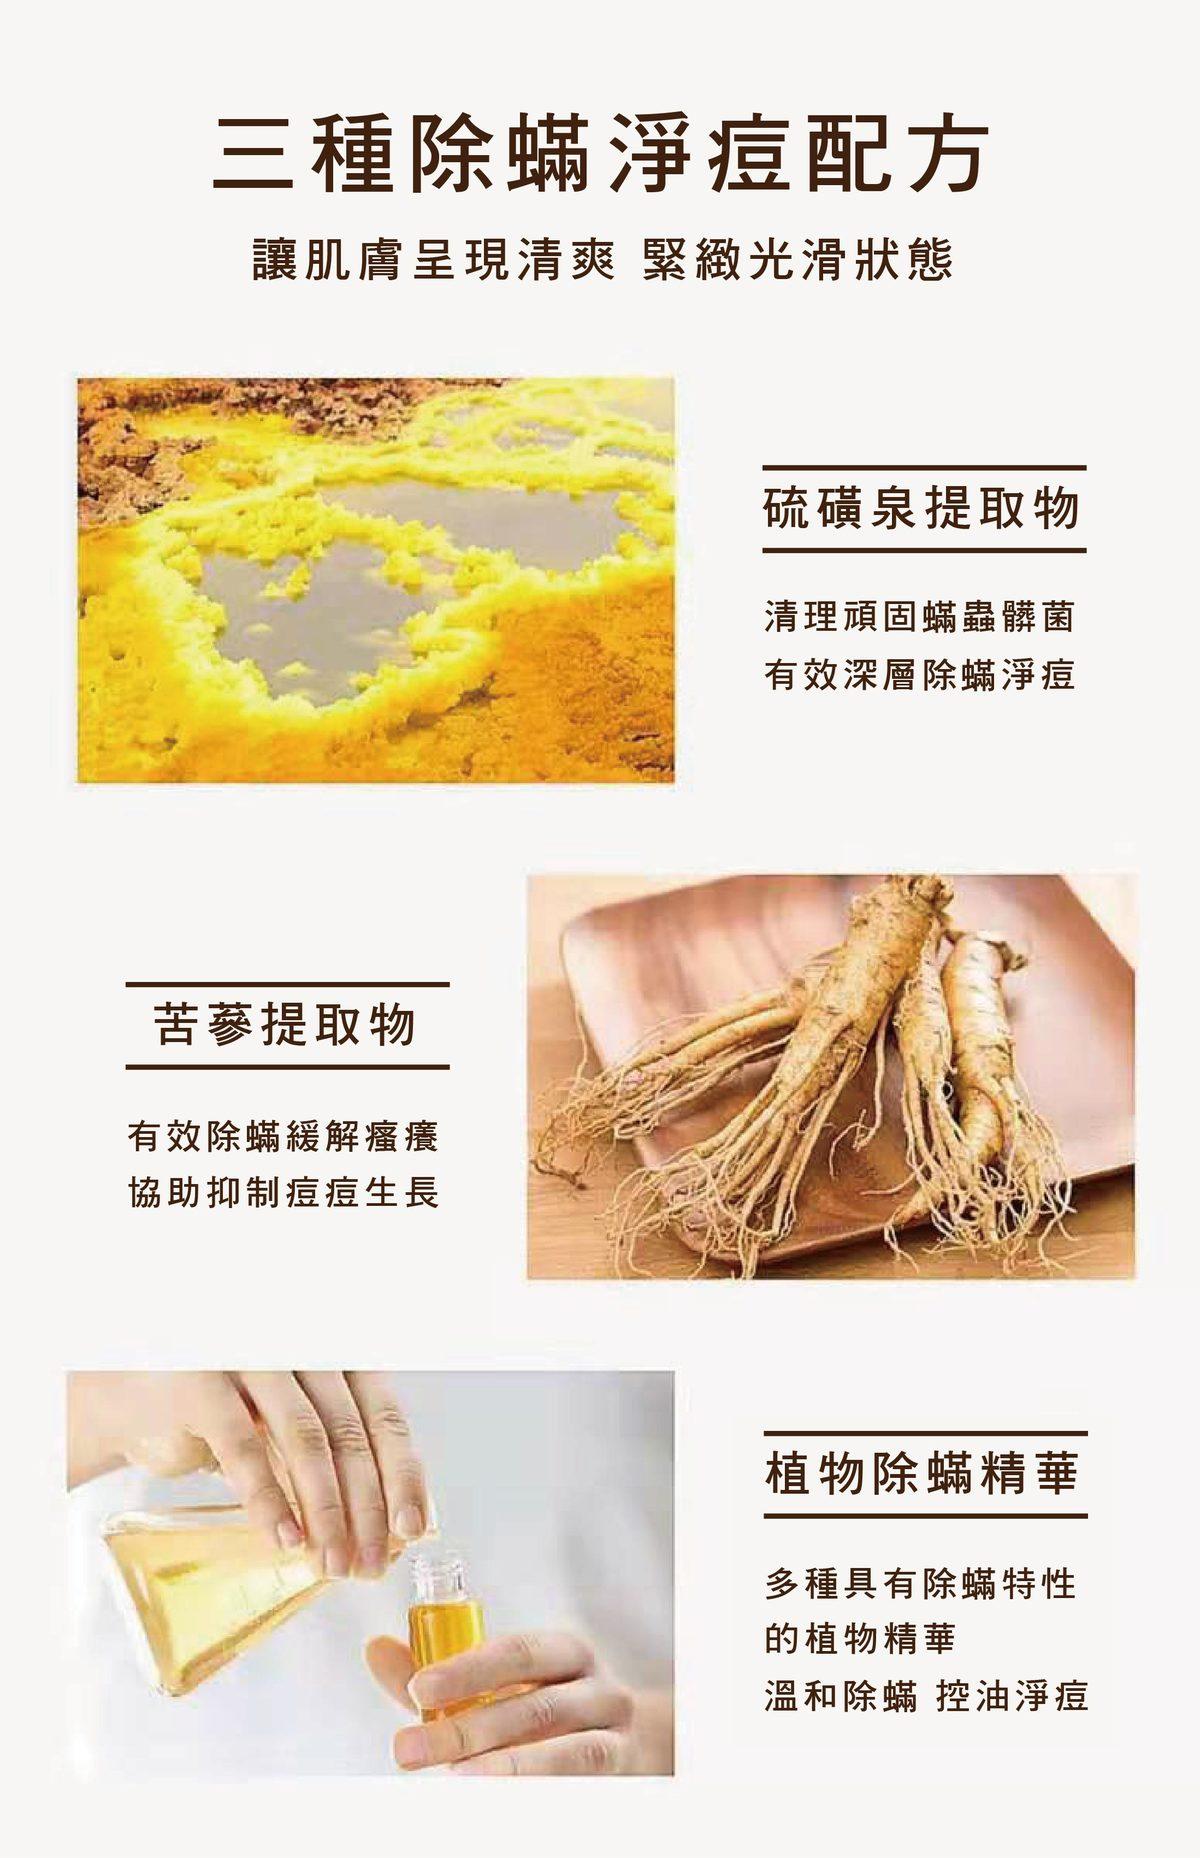 韓國FU金箔苦蔘除螨皂